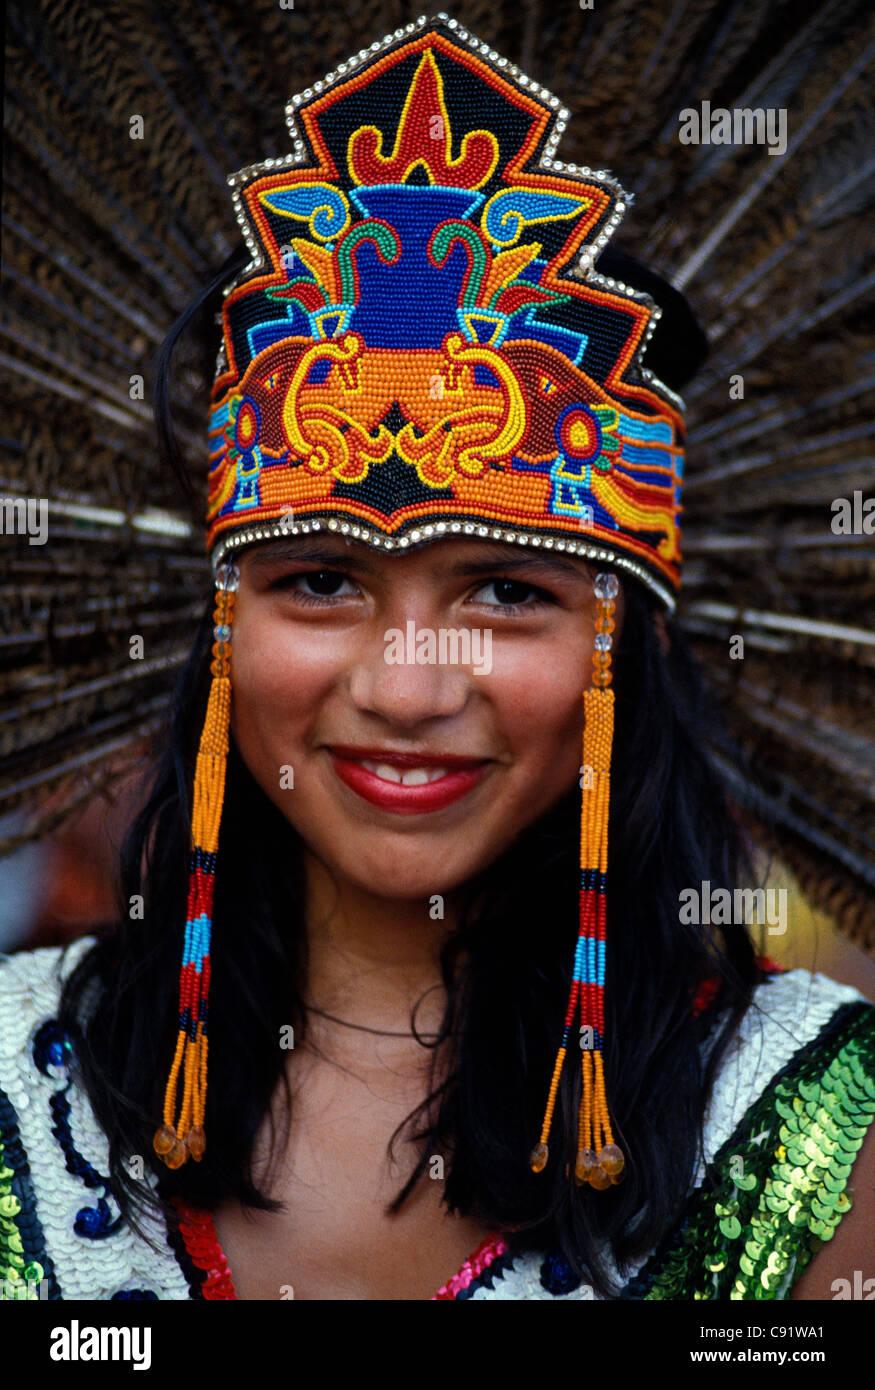 Niña mexicana en traje Azteca durante las festividades del Cinco de Mayo en el centro de Los Angeles, California Imagen De Stock